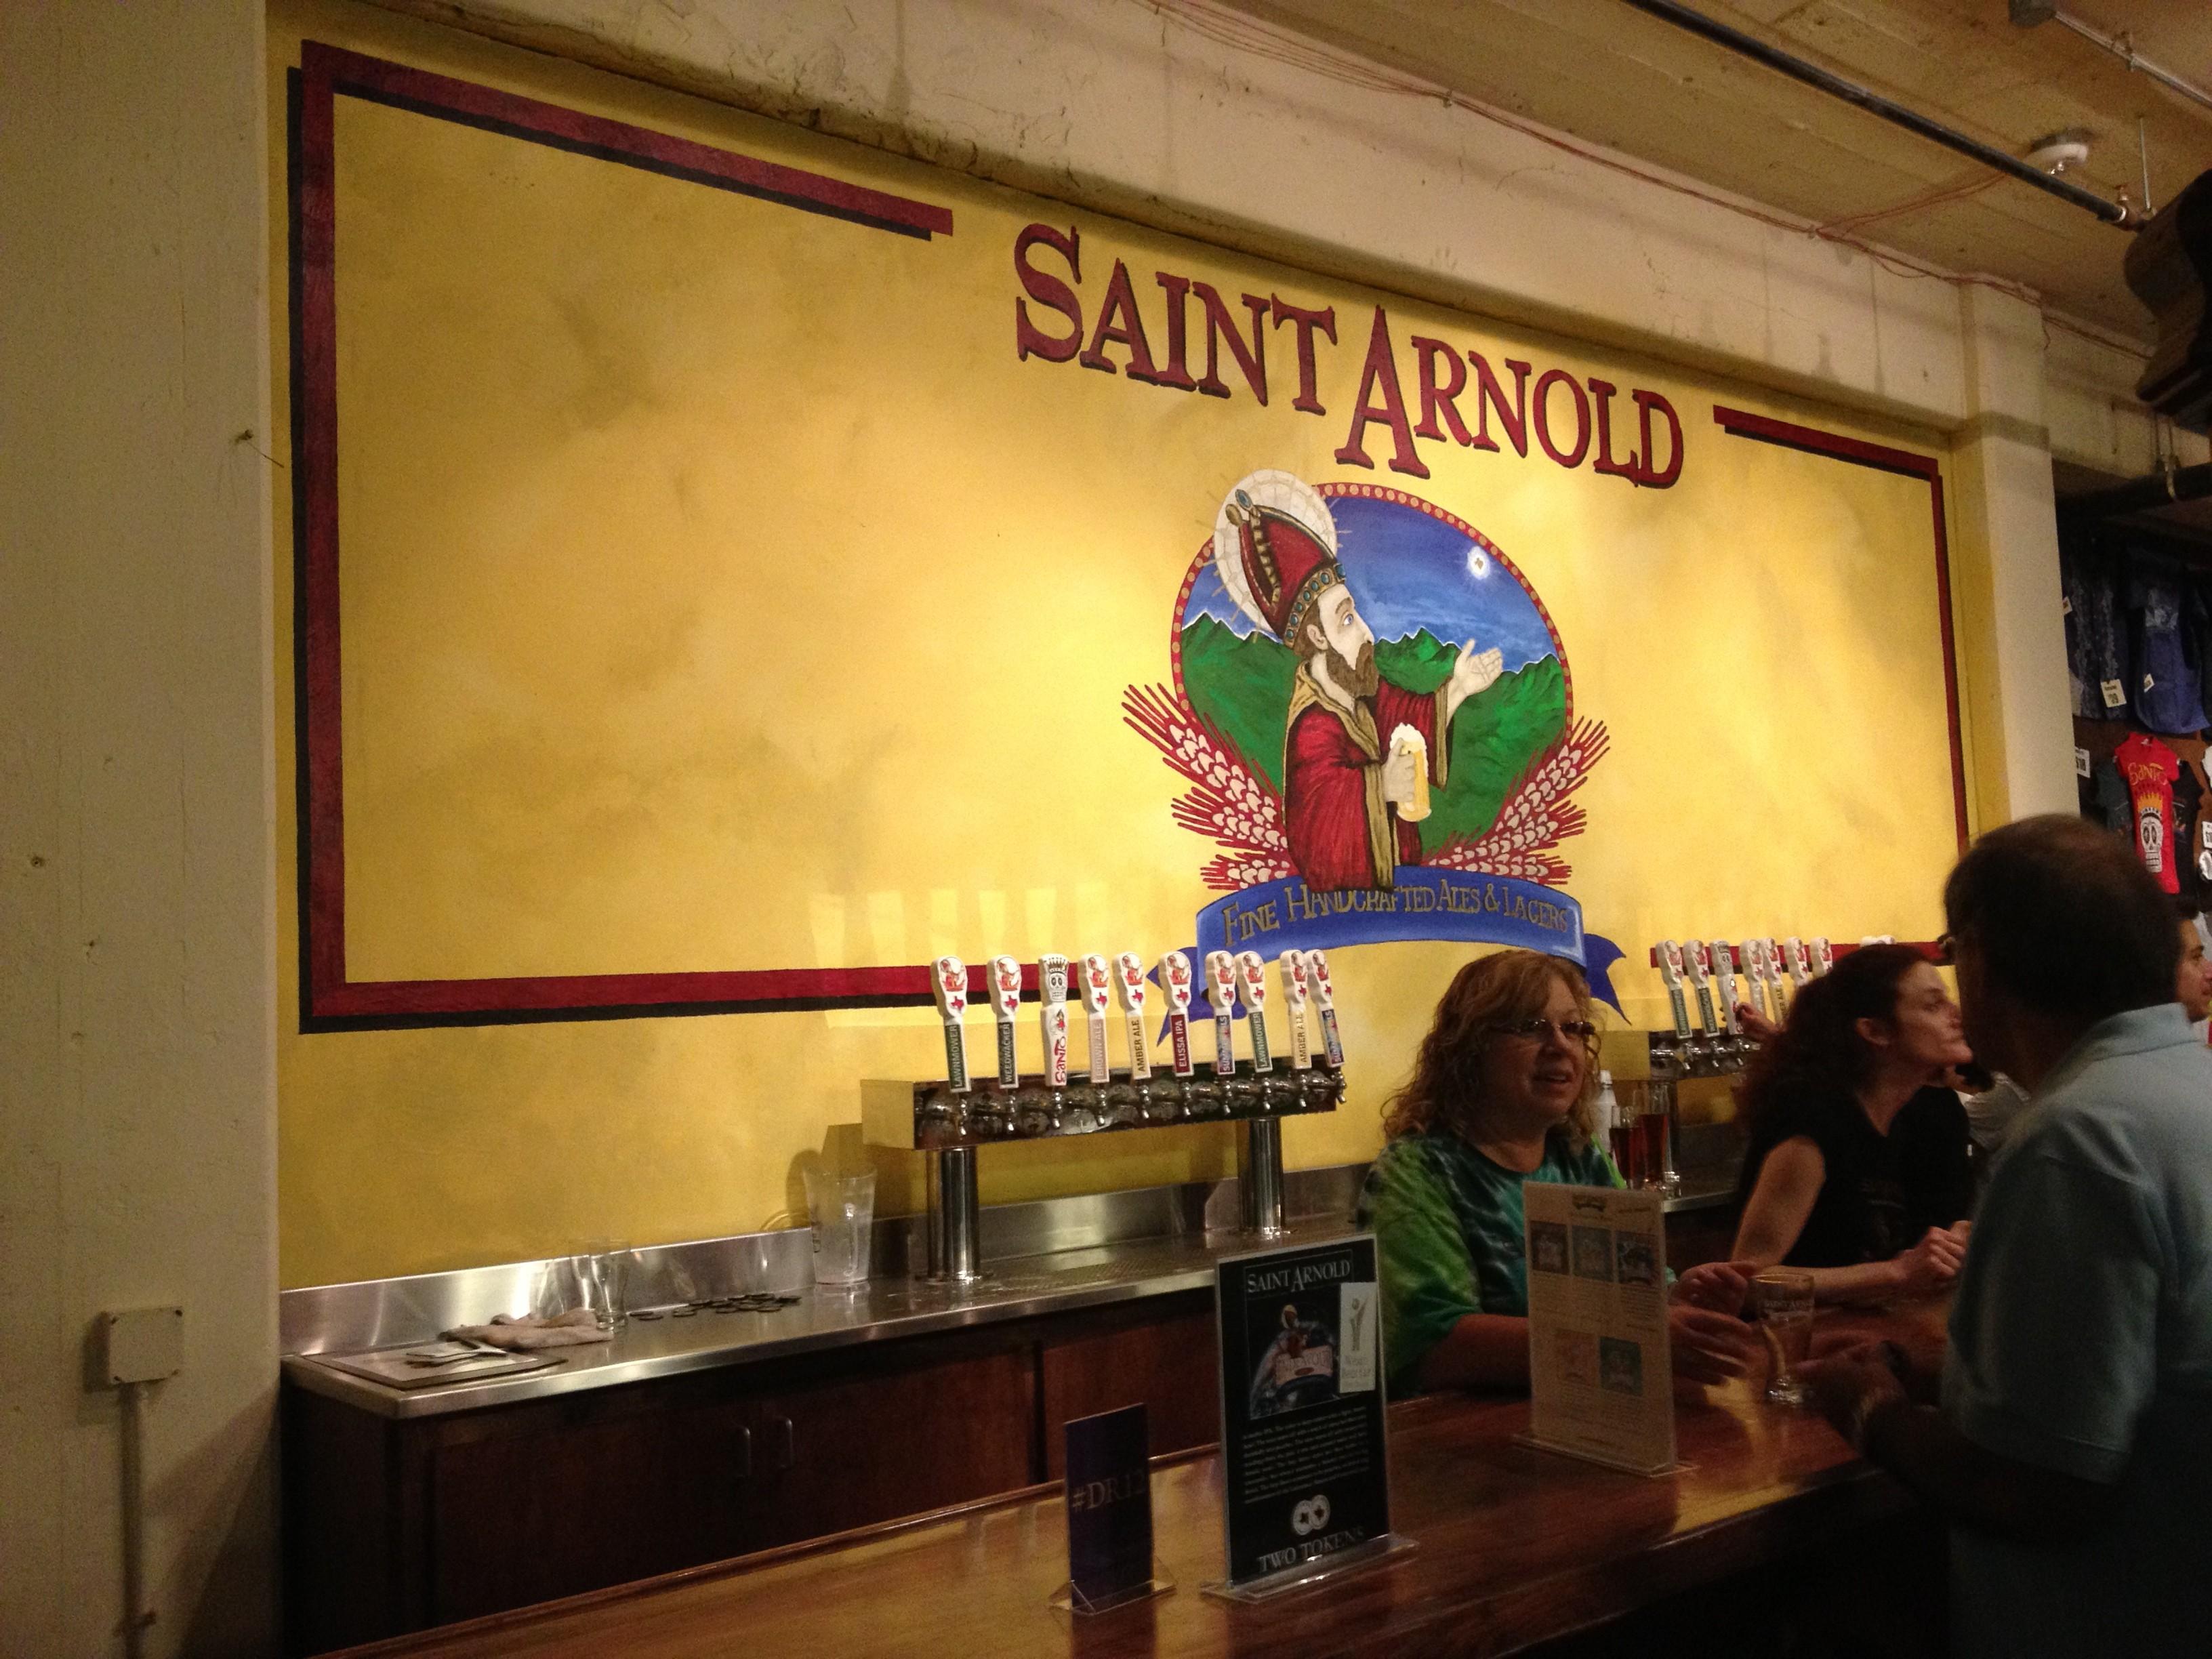 Saint Arnold Brewery Tour Houston